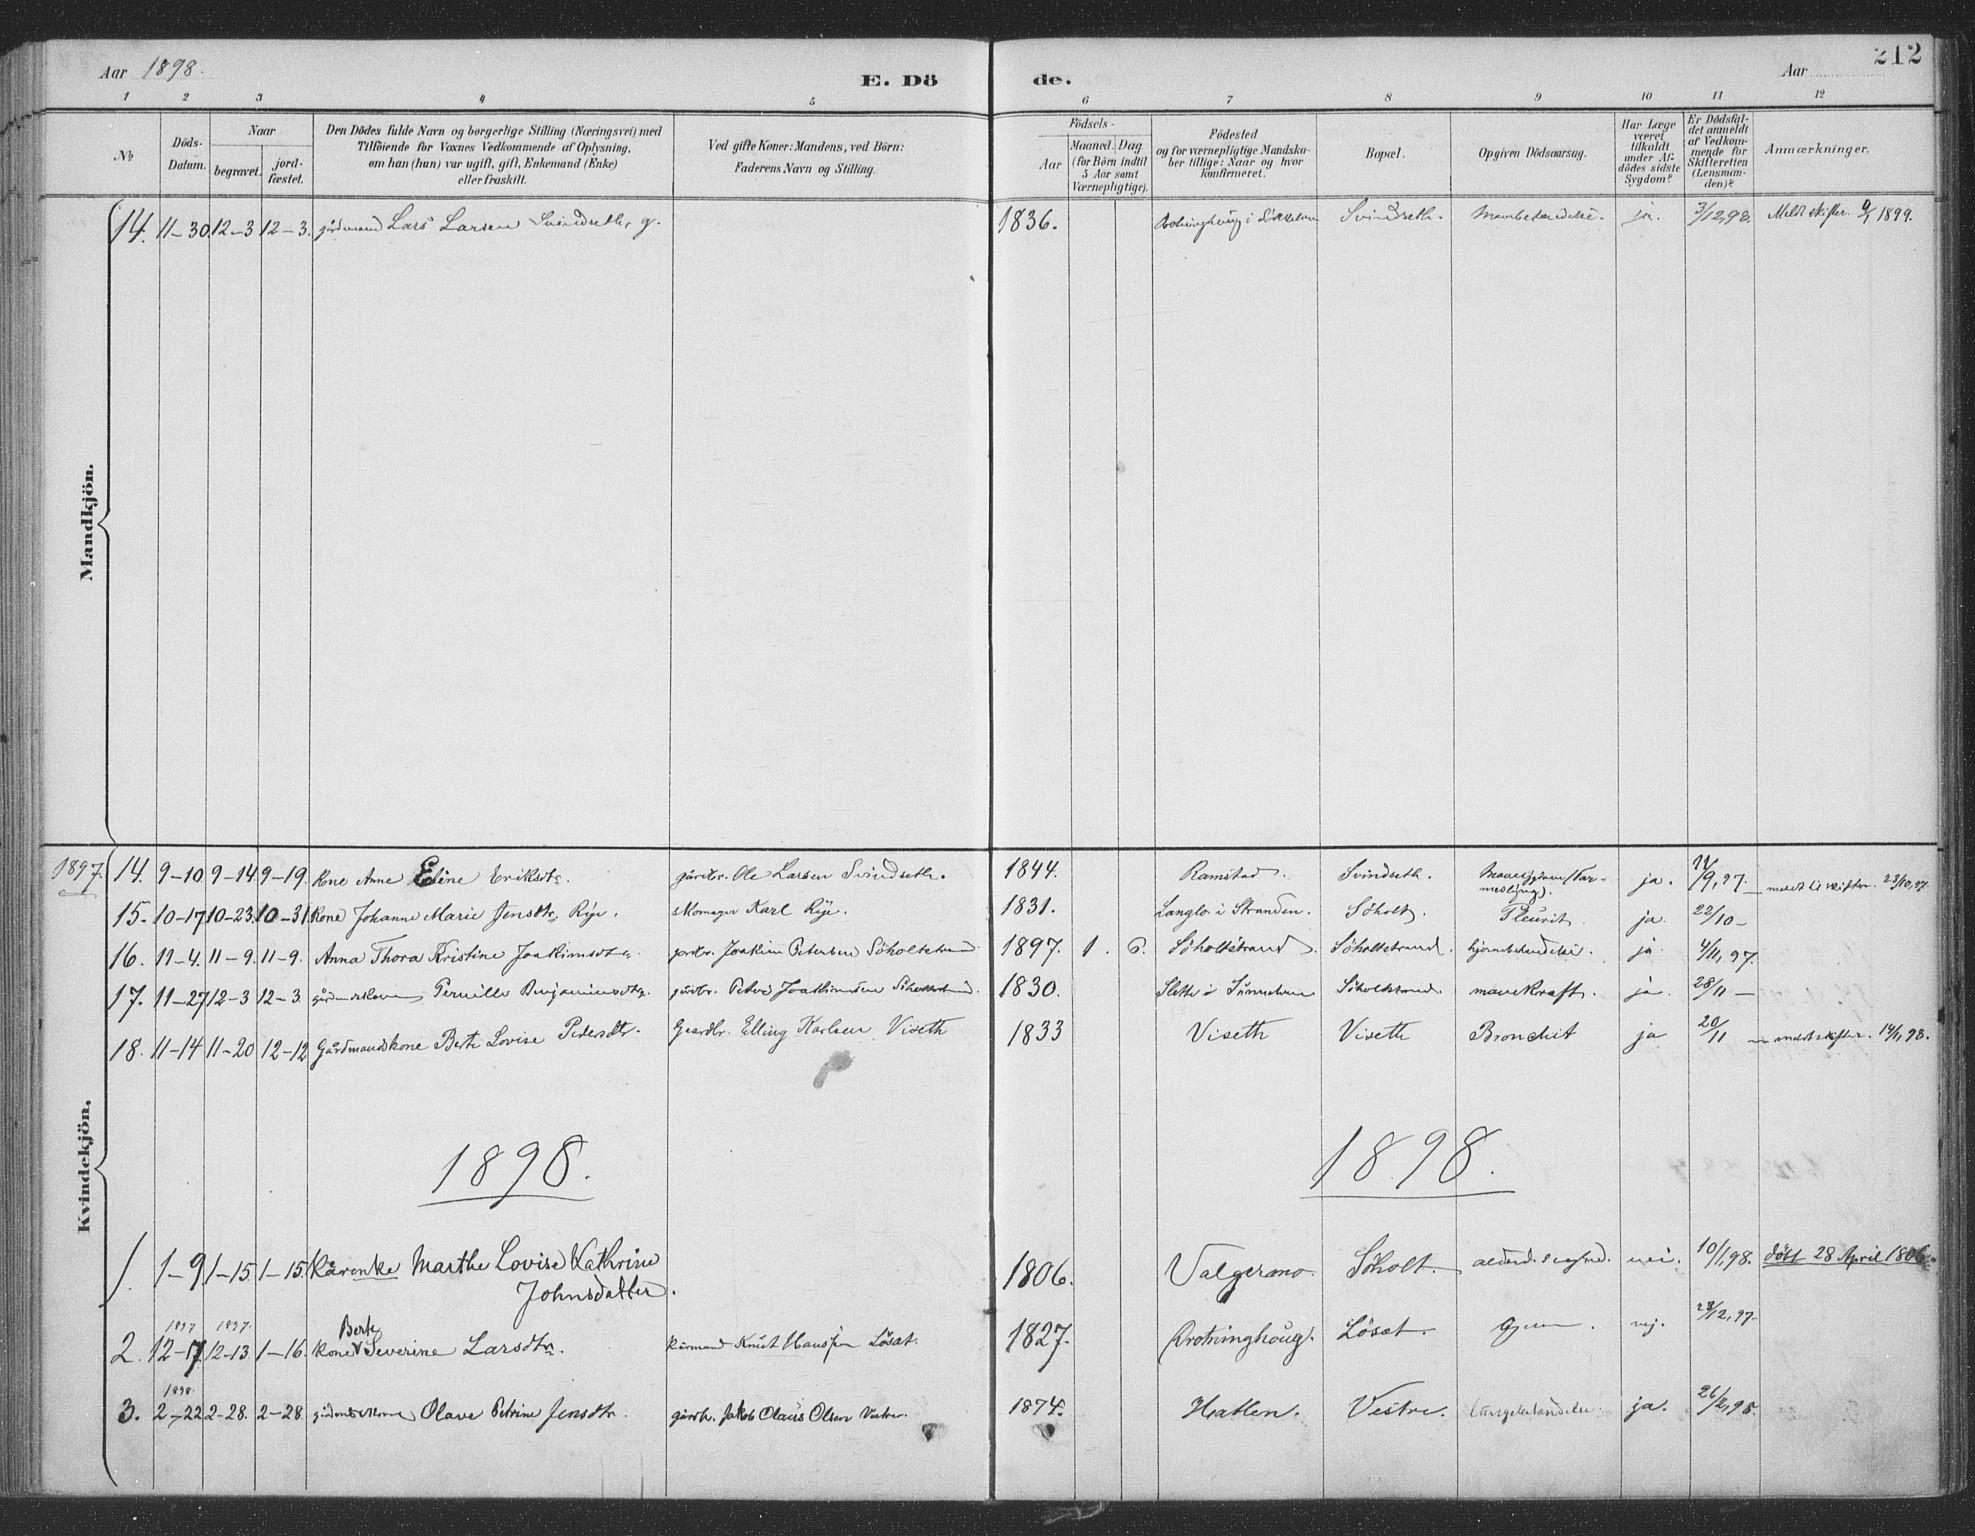 SAT, Ministerialprotokoller, klokkerbøker og fødselsregistre - Møre og Romsdal, 522/L0316: Ministerialbok nr. 522A11, 1890-1911, s. 212